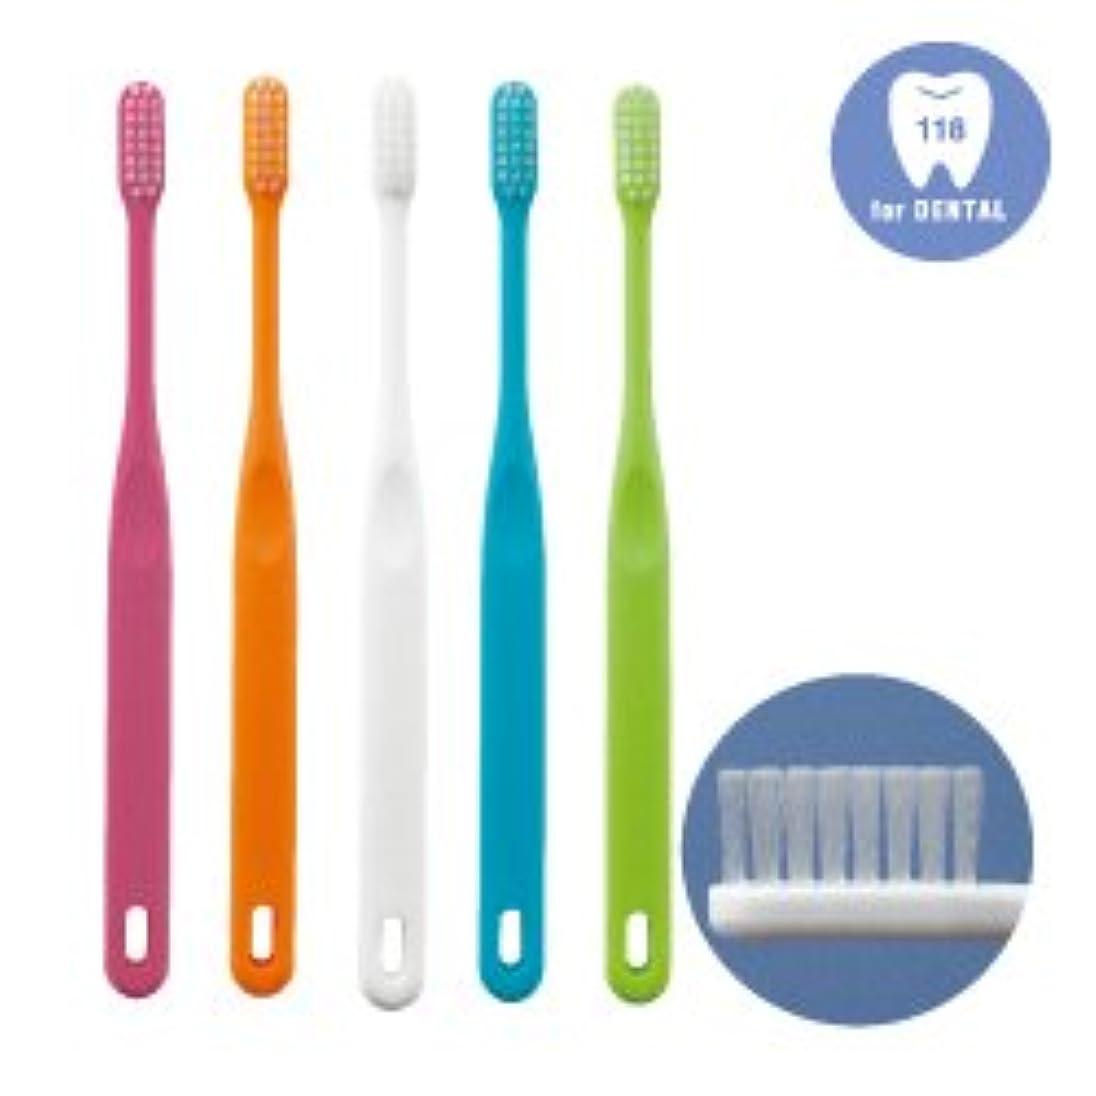 フェロー諸島バッグ邪悪な歯科専用歯ブラシ「118シリーズ」Advance(アドバンス)M(ふつう)25本